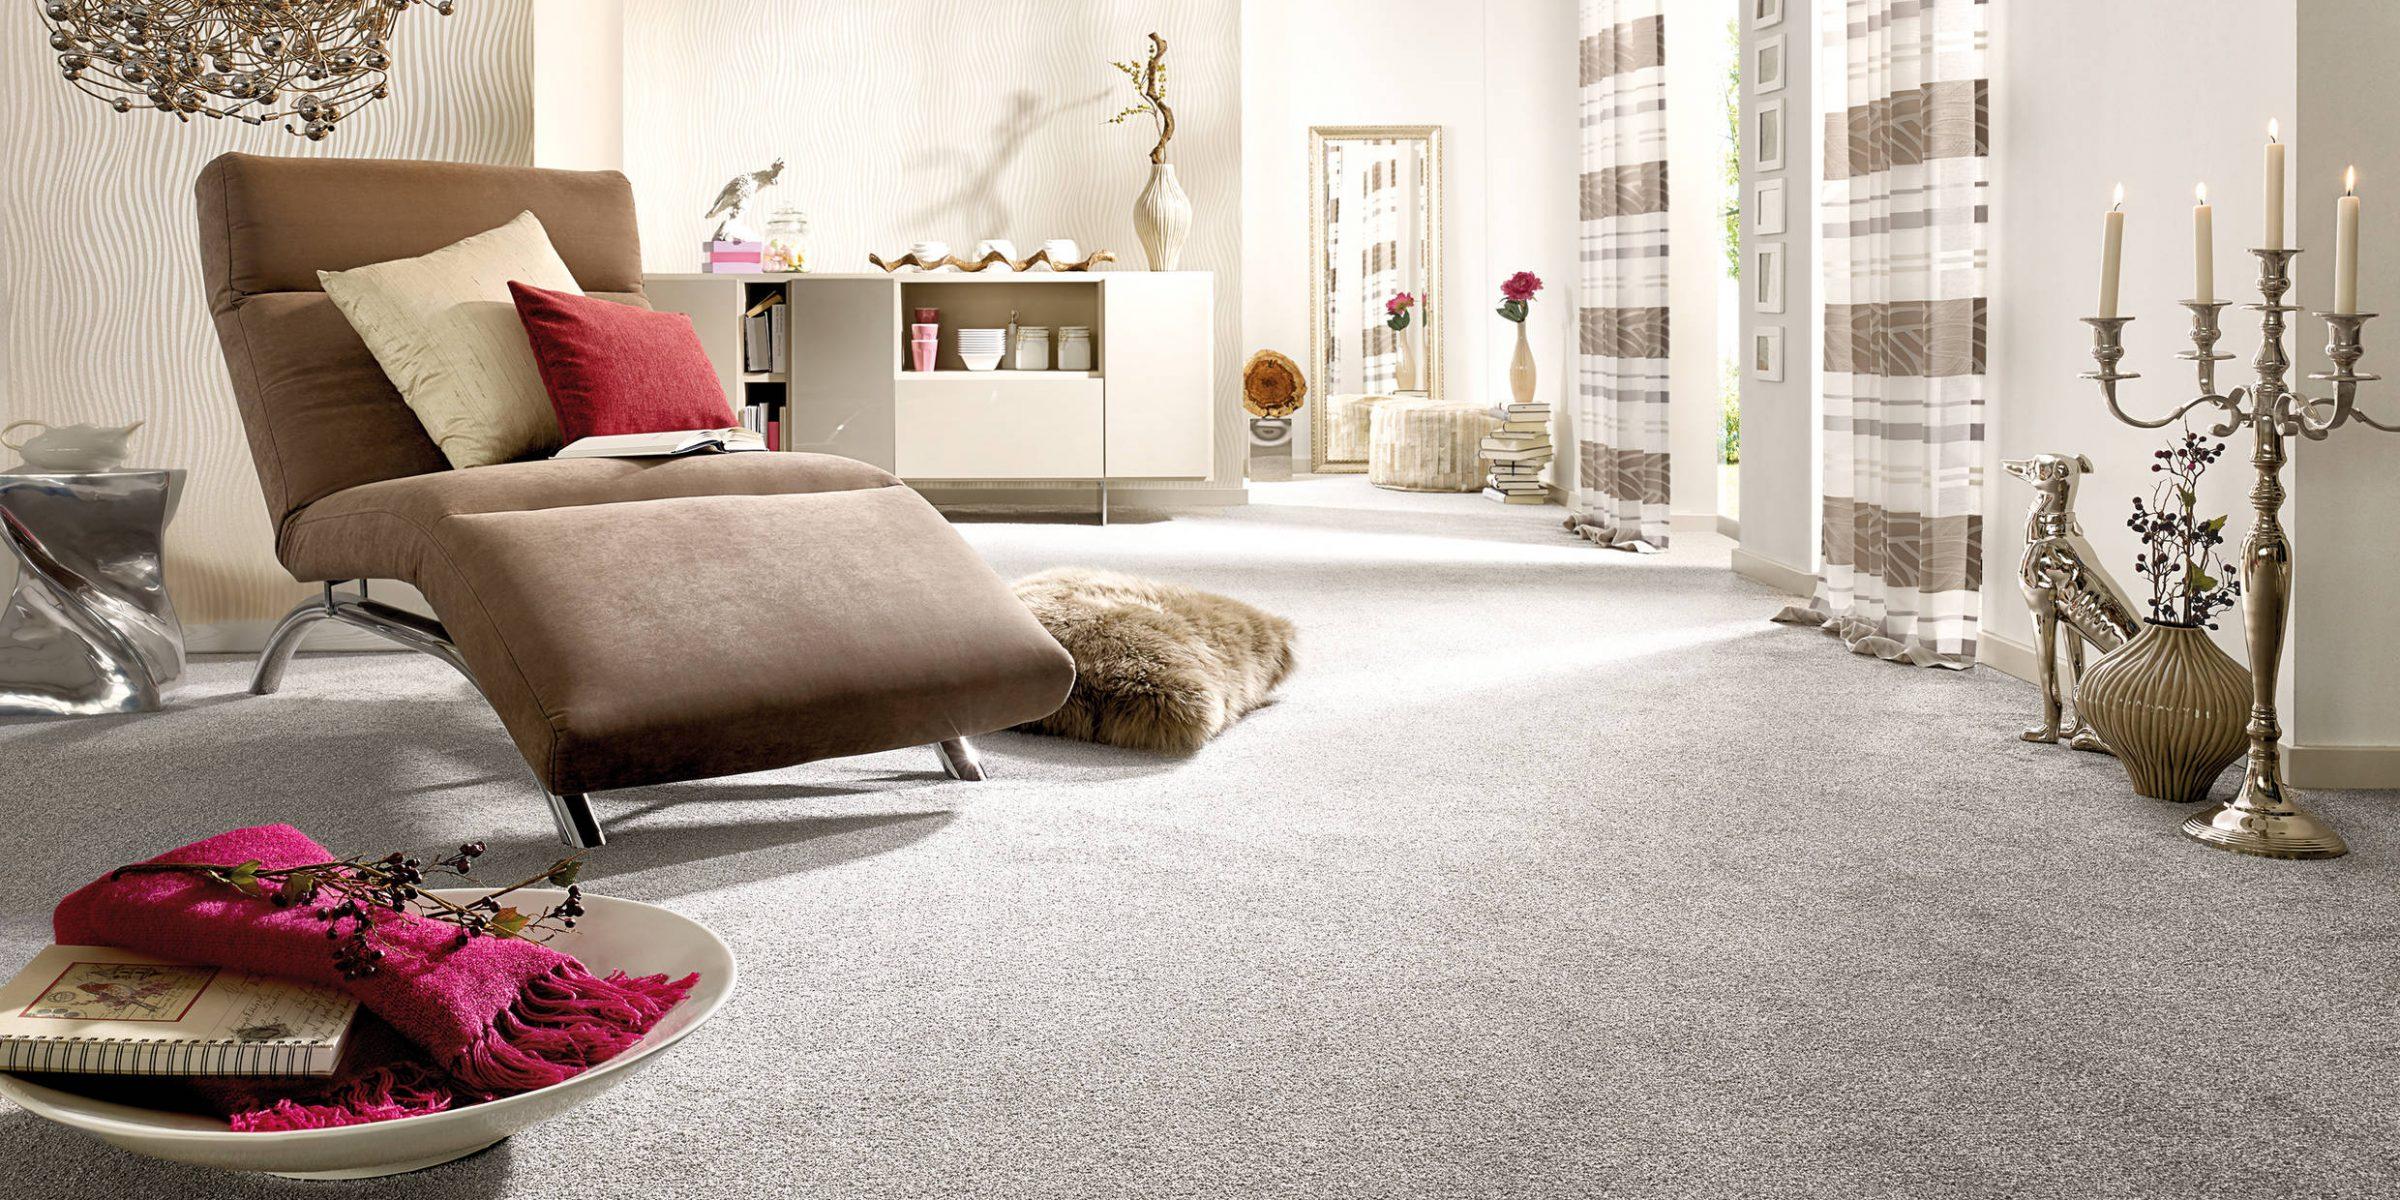 Teppich und Bodenbeläge bei Engstler Raumdesign Allgäu.